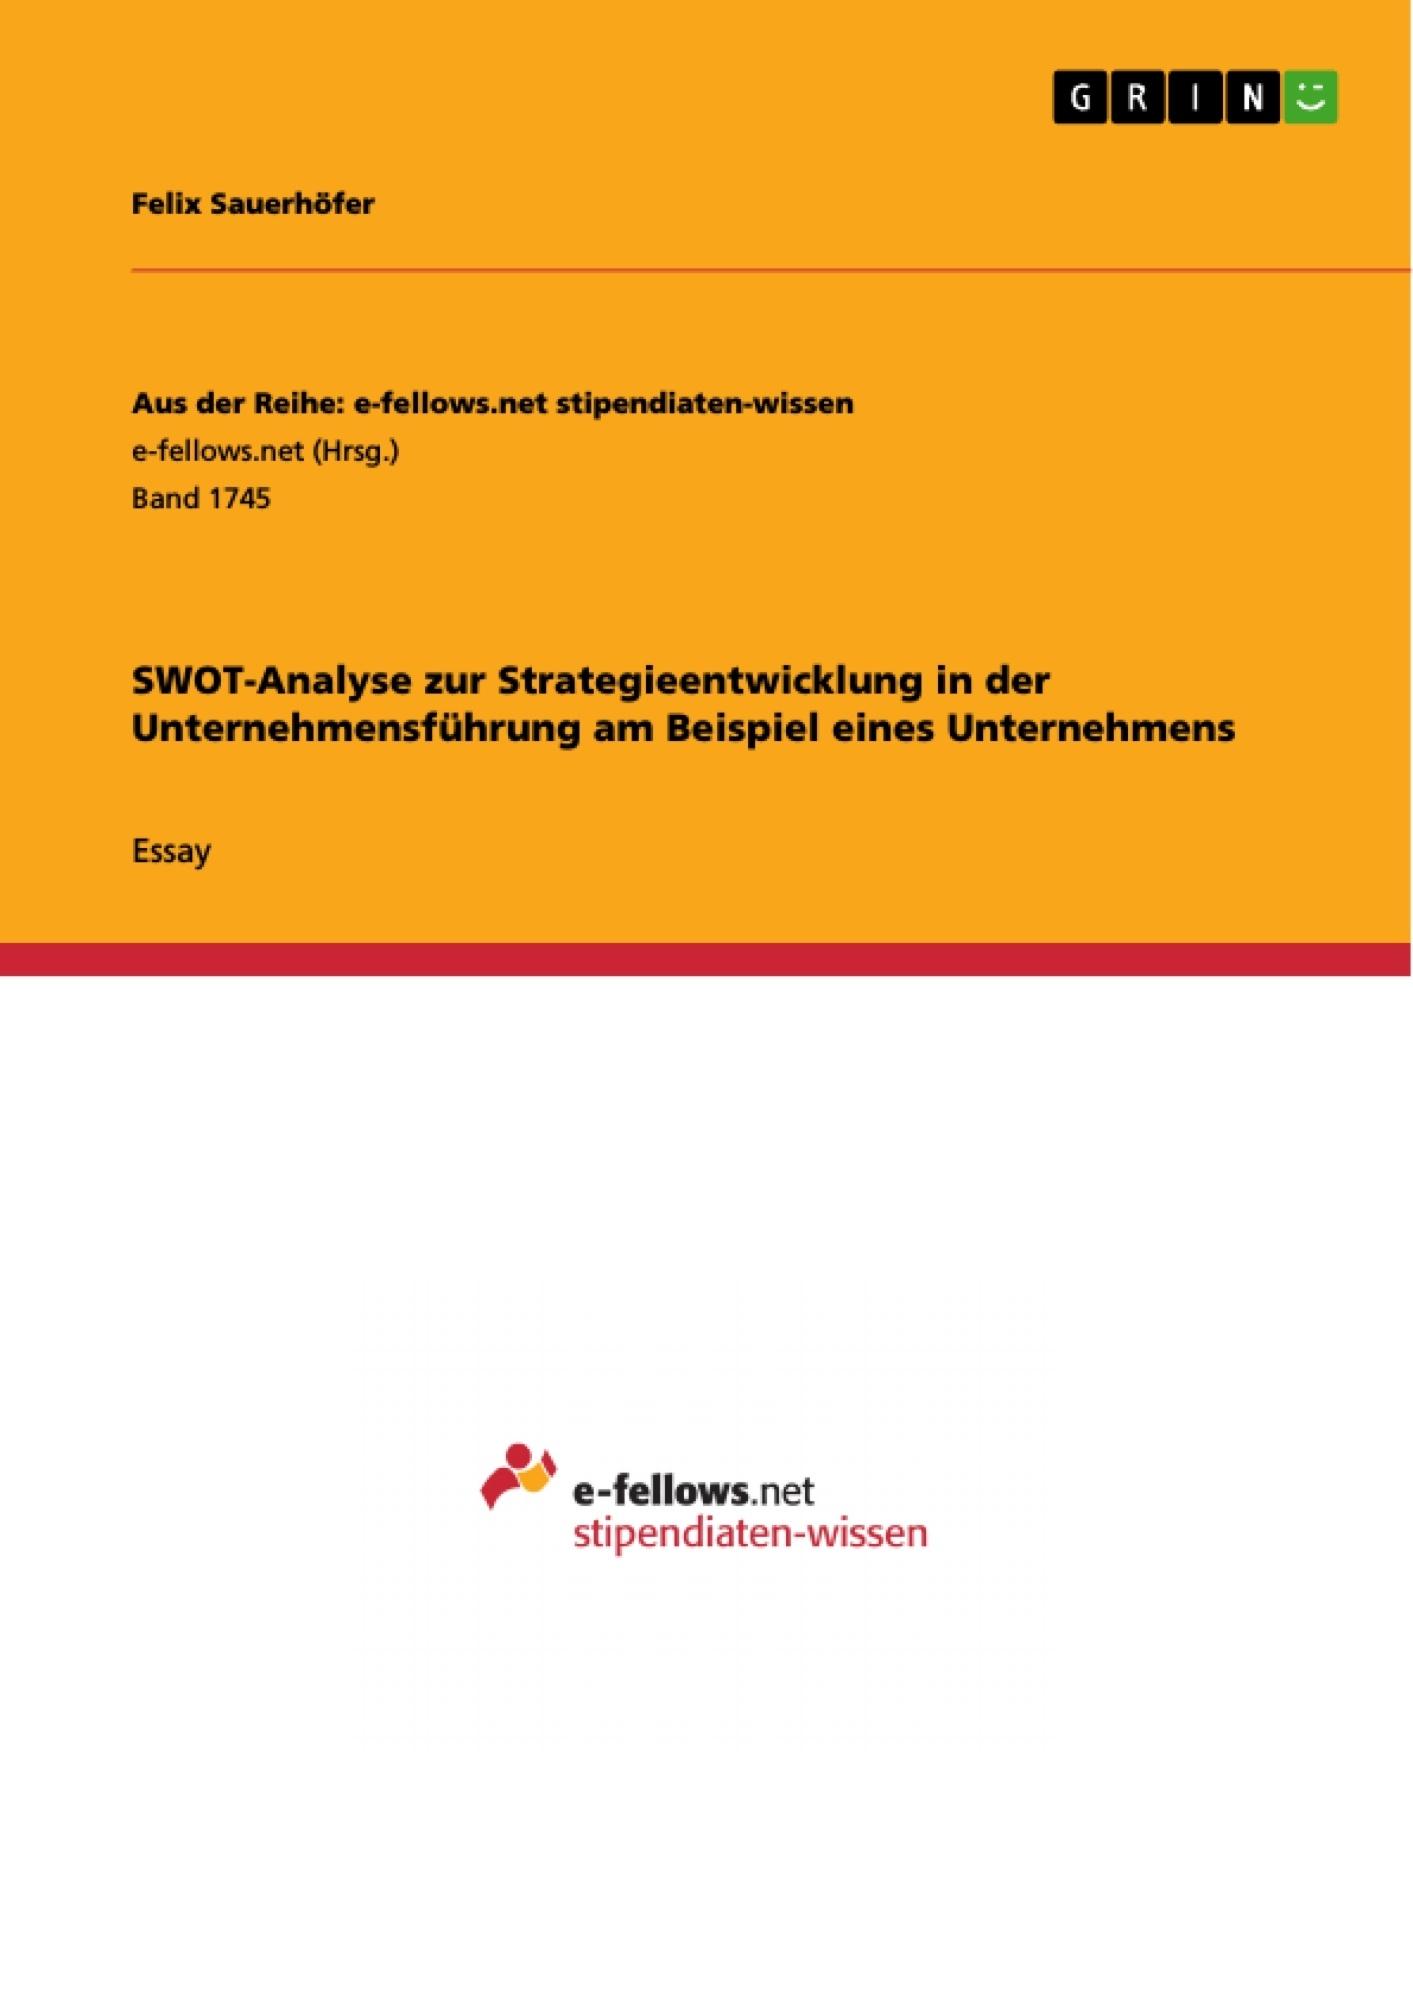 Titel: SWOT-Analyse zur Strategieentwicklung in der Unternehmensführung am Beispiel eines Unternehmens